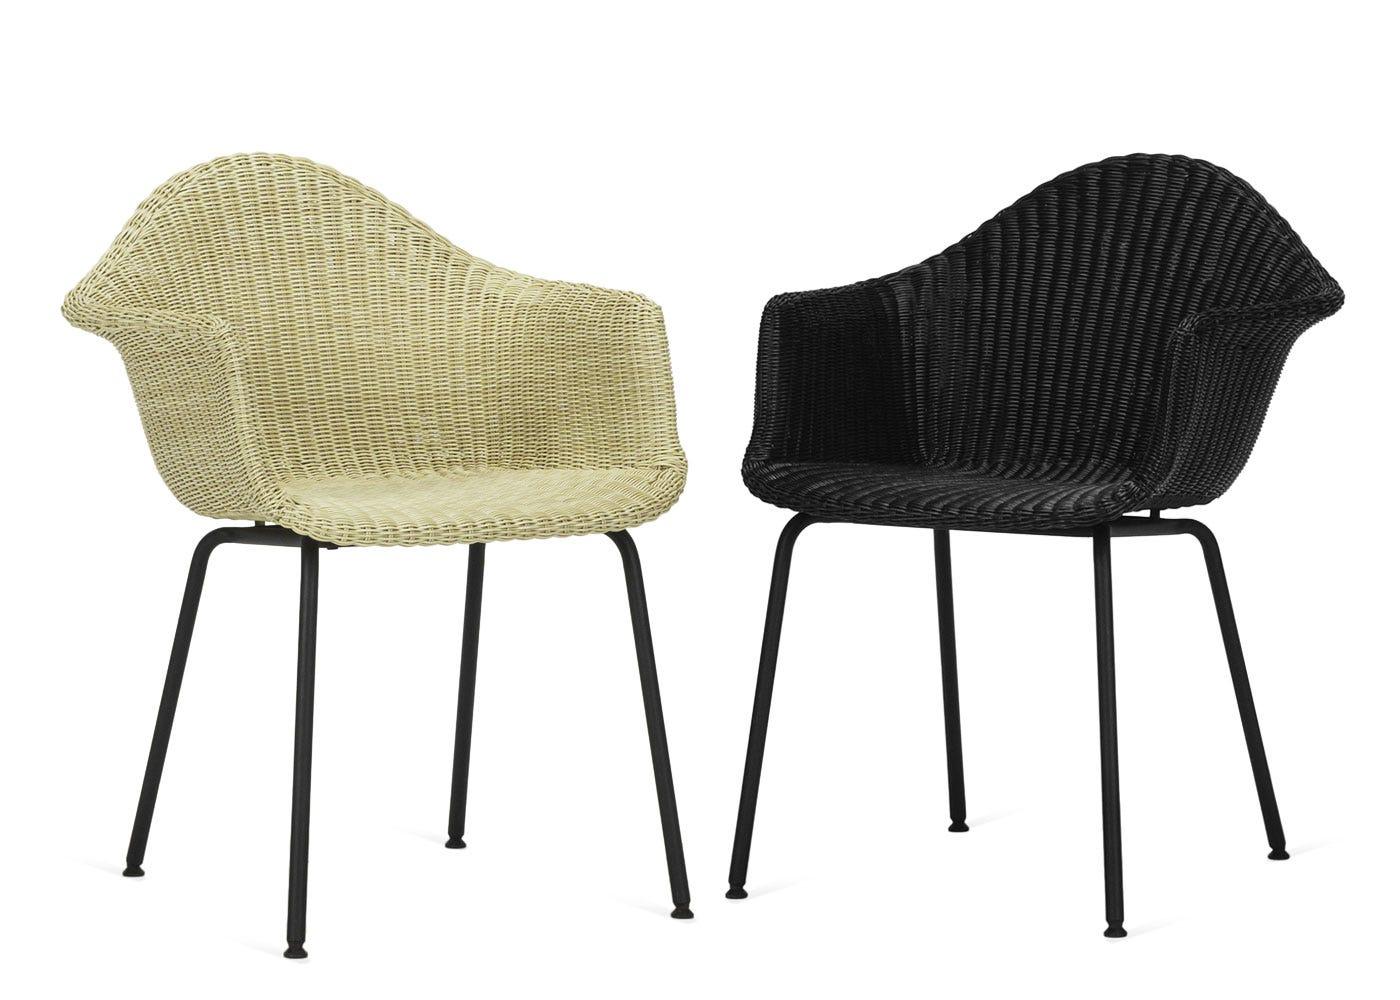 As shown: Finn dining chair in cream & black.